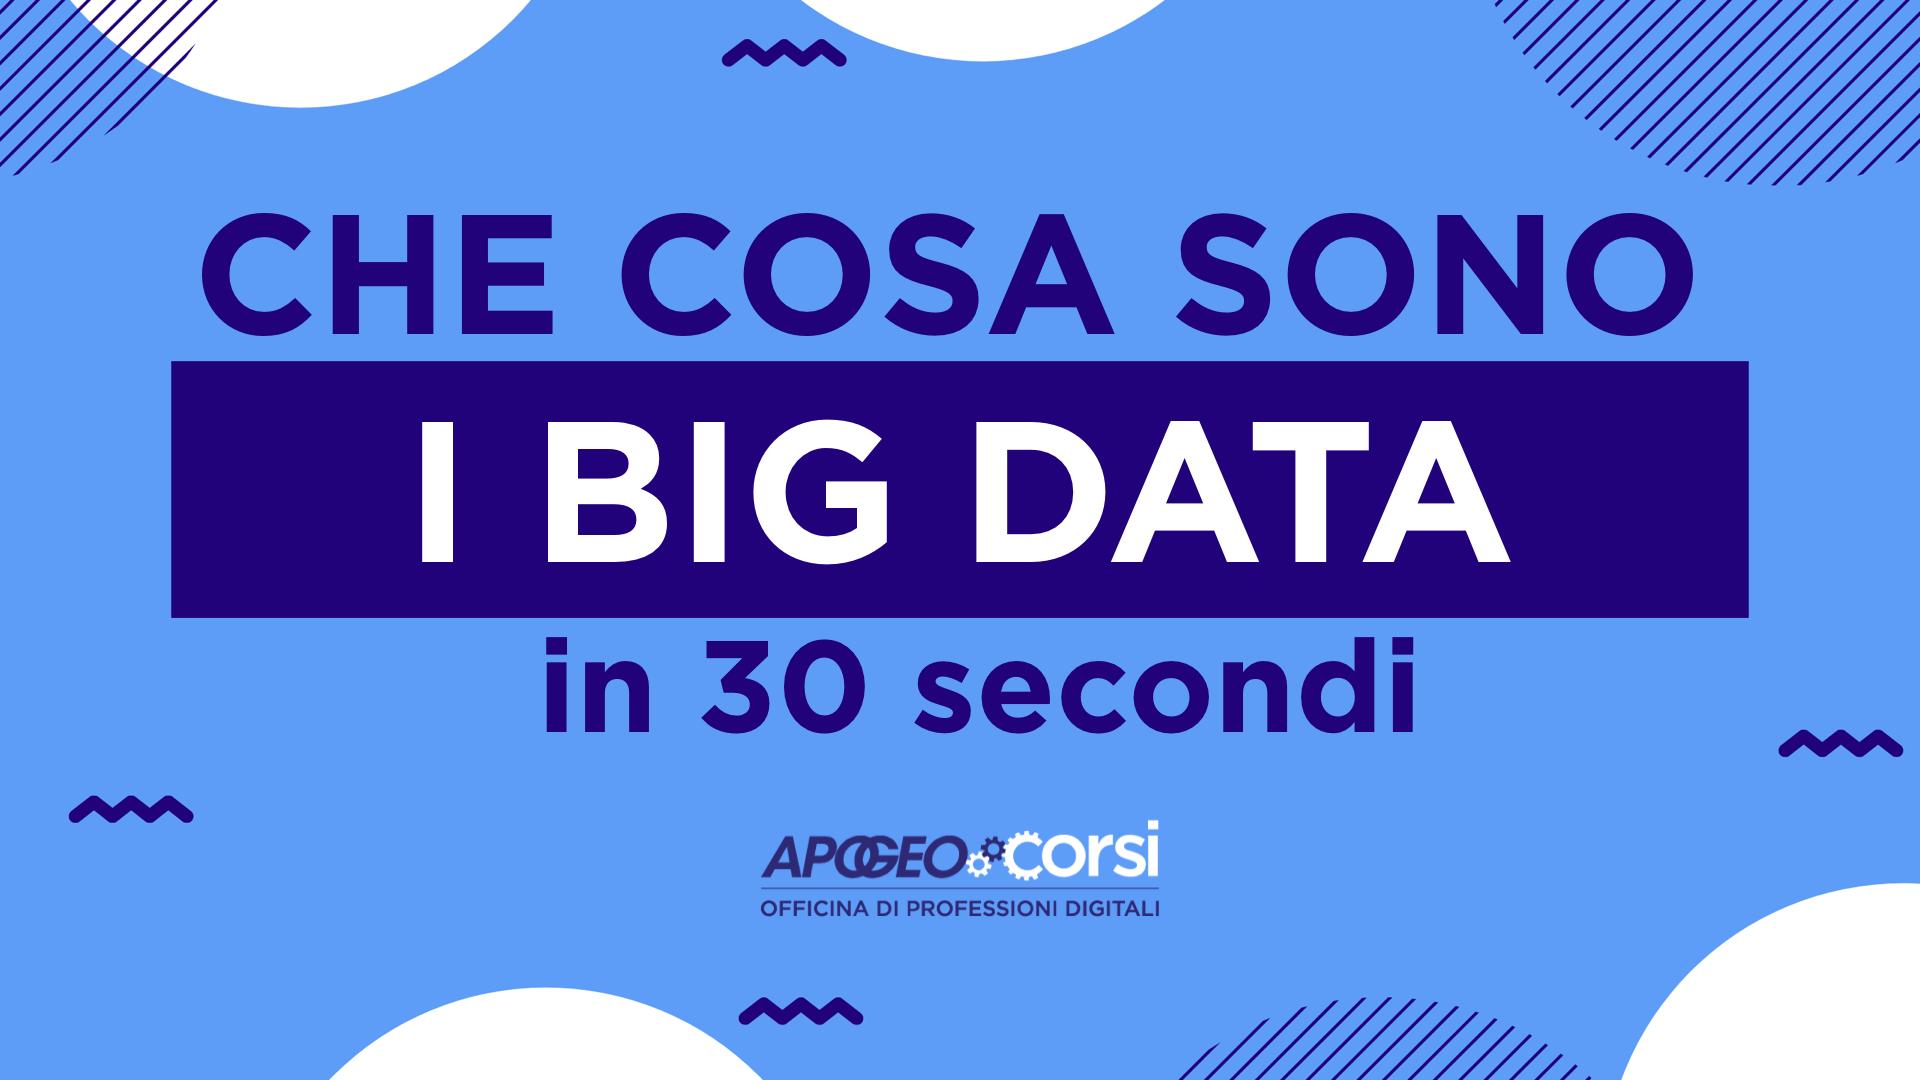 Che cosa sono i Big Data in 30 secondi